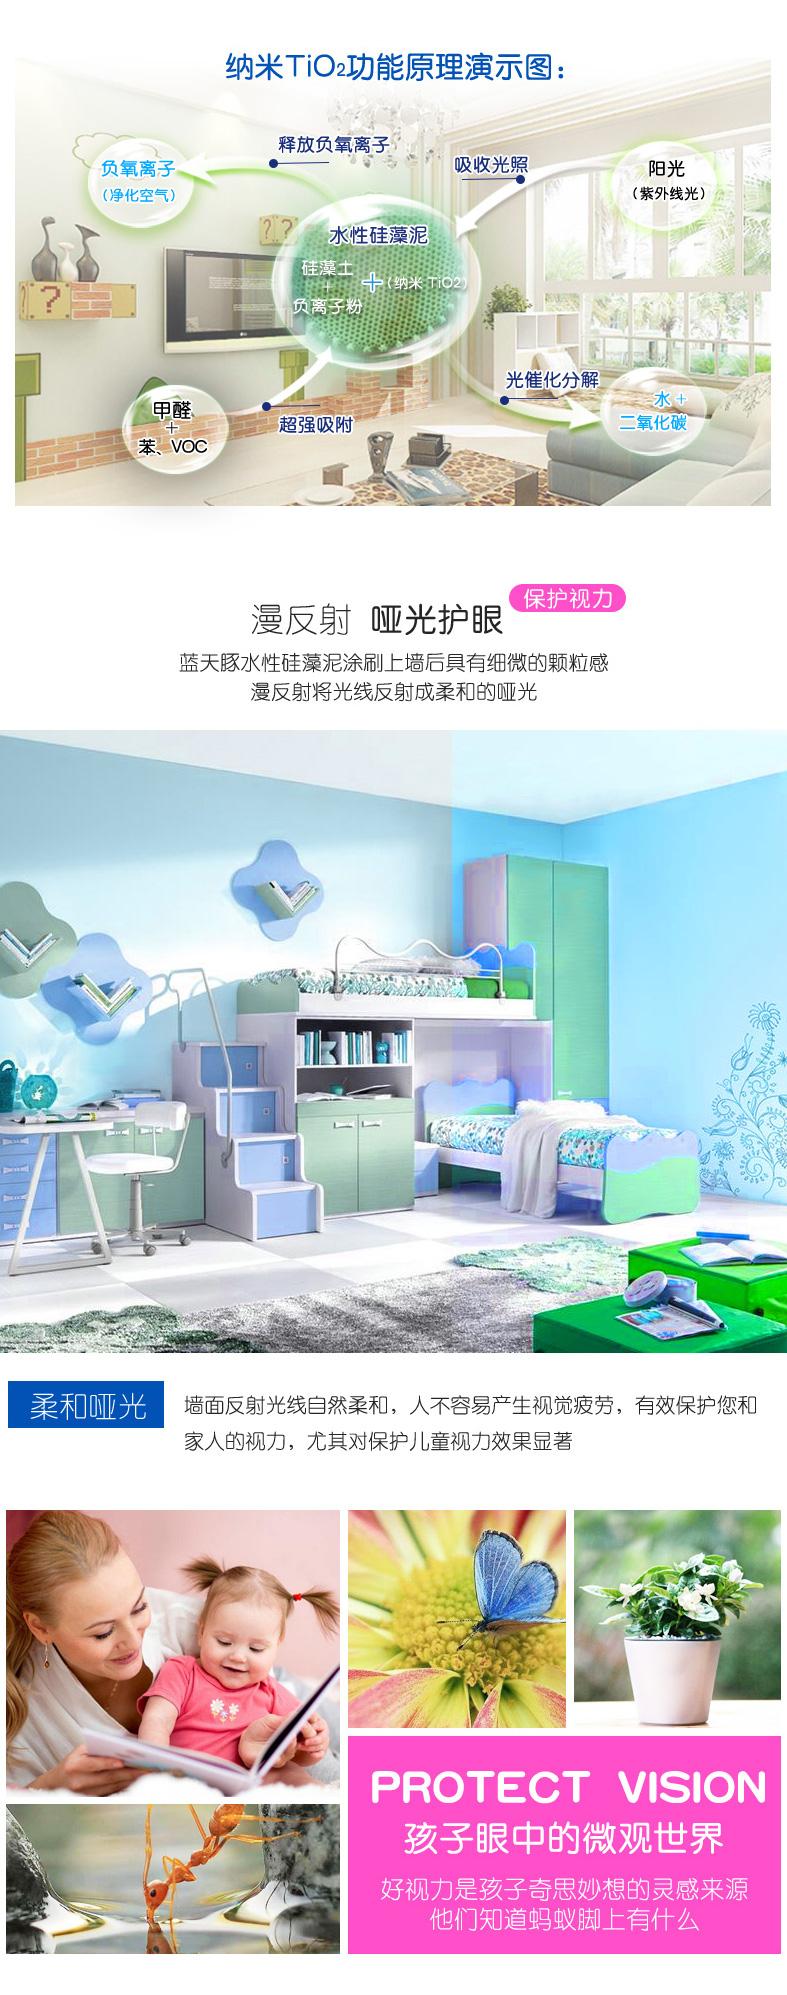 蓝天豚-水性硅藻泥-亲子空间2KG_05.jpg